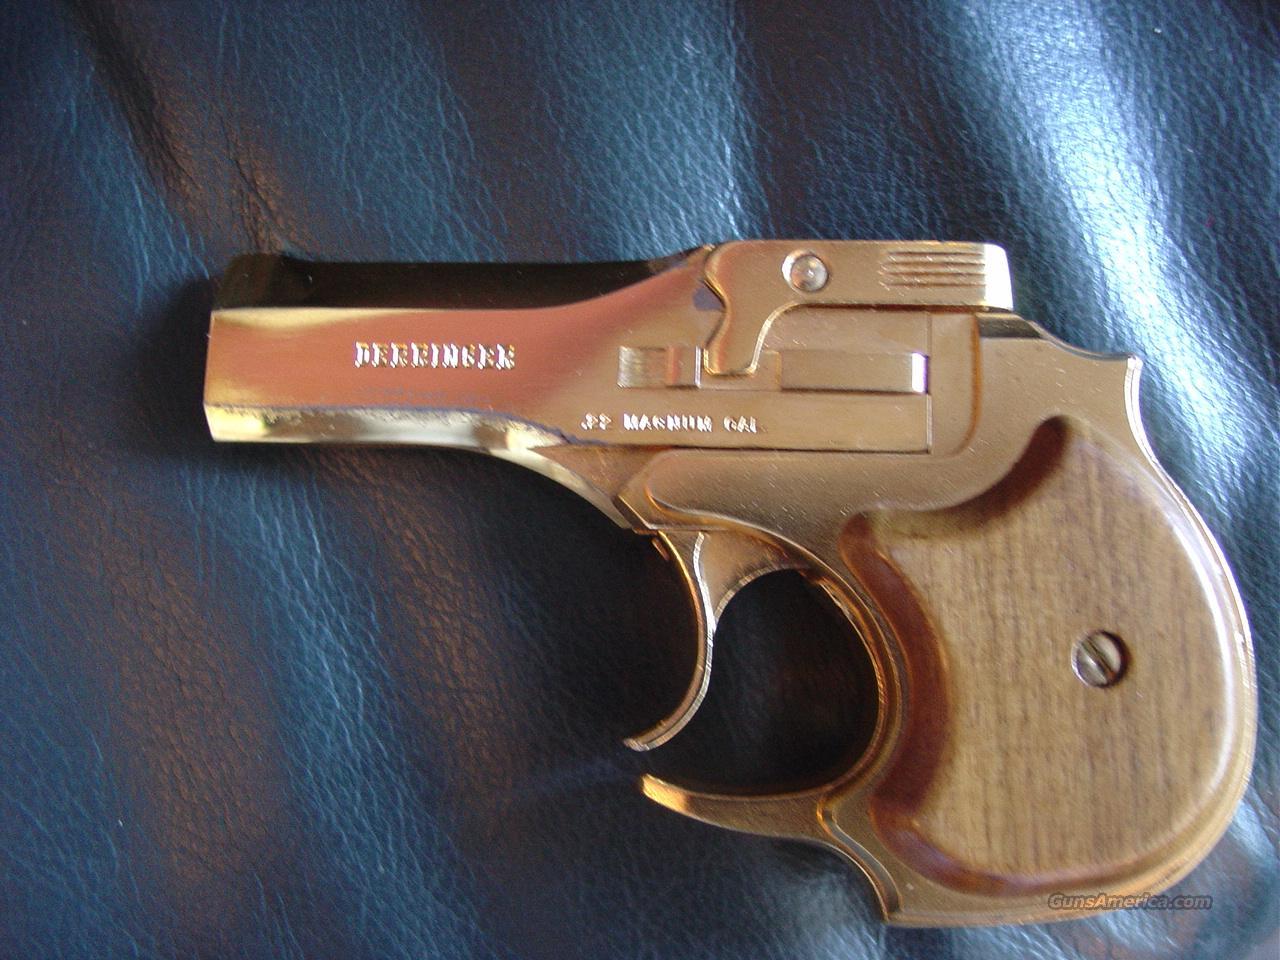 High Standard Gold Presentation Derringer 22 Ma For Sale